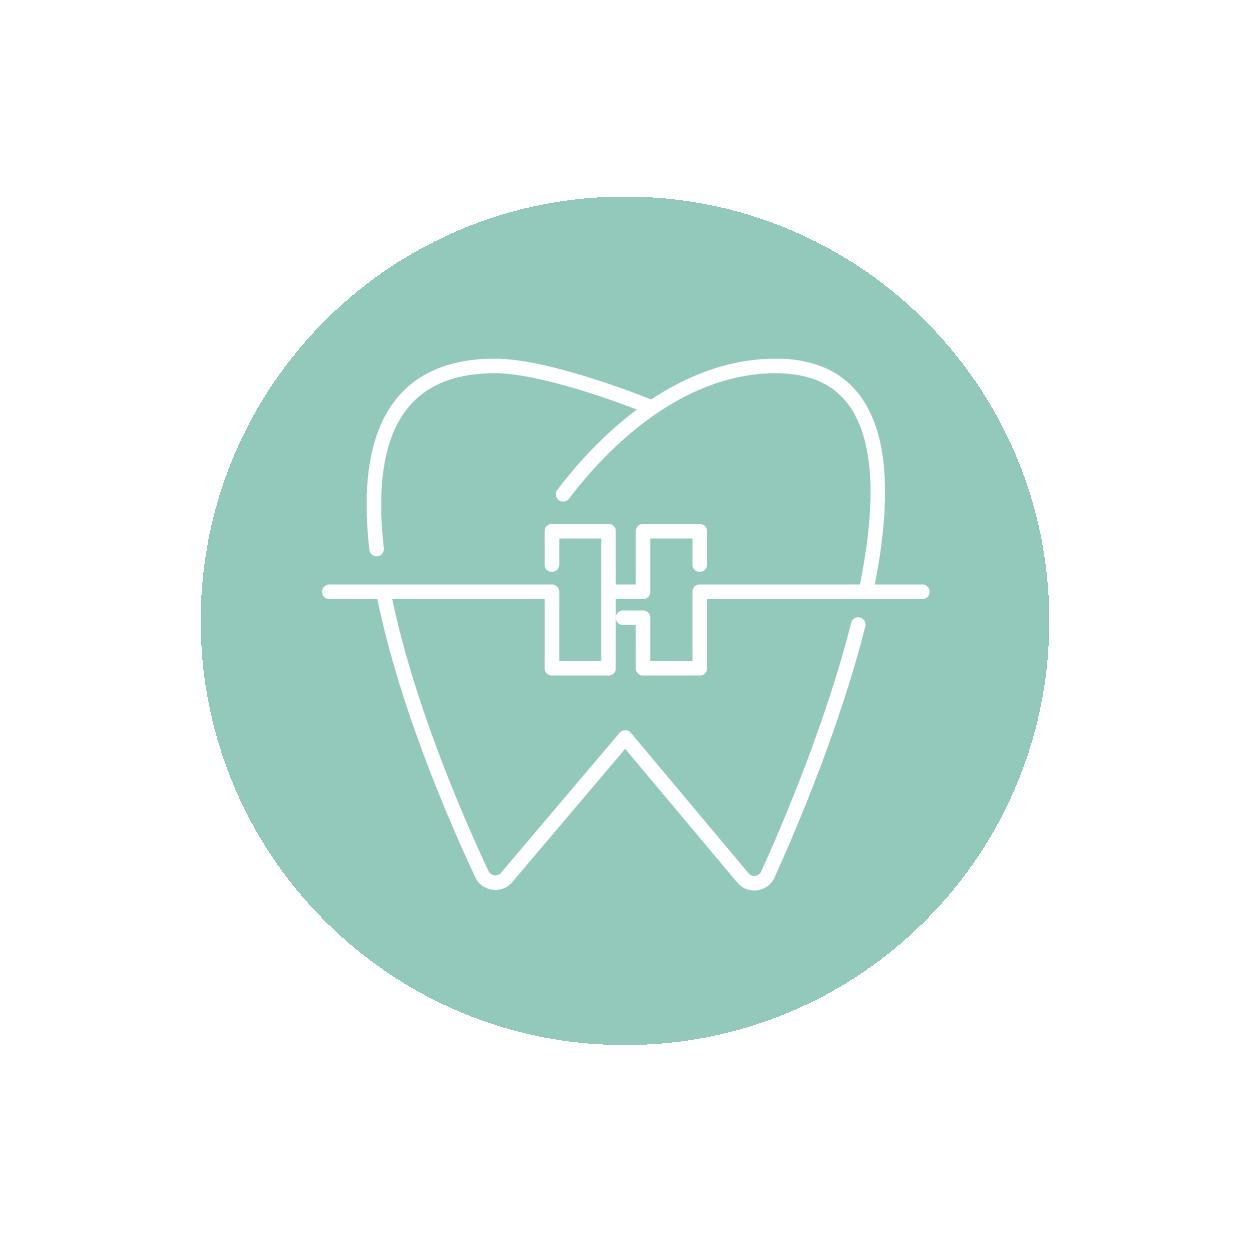 Therapie bei Erwachsenen - Lingualtechnik mit unsichtbaren SpangenBei erwachsenen Patienten haben wir mit der modernen Lingualtechnik sehr gute Erfahrungen gemacht. Dazu werden flache Brackets, deren Körper sich exakt der Form Ihrer Zähne anpassen, auf der Innenseite befestigt. Lesen Sie mehr zu dieser effizienten Methode der Zahnkorrektur. →–Vorbereitung für Zahnersatz und ImplantateWir können die Eingliederung von Zahnersatz vereinfachen, indem wir durch meist kleine Maßnahmen optimale Voraussetzungen im Kiefer schaffen. Durch eine kieferorthopädische Behandlung mit einer festen Zahnspange können beispielsweise gekippte Zähne aufgerichtet und Lücken vergrößert oder verkleinert werden. Die Eingliederung von Zahnersatz wie Brücken, Kronen oder Implantaten wird so deutlich vereinfacht oder erst ermöglicht. Bei dieser präprothetischen Kieferorthopädie arbeiten wir eng mit Ihrem Hauszahnarzt zusammen.–Verbesserung der Zahnhygiene bei ParodontitisParodontitis ist eine Entzündung des Zahnhalteapparates. Diese wird durch Zahnfehlstellungen begünstigt, da die Zähne beispielsweise durch Engstände schwieriger von bakteriellem Zahnbelag zu reinigen sind.–Vorbereitung für kieferchirurgische OperationenBei stark ausgeprägten Kieferfehlstellungen im Erwachsenenalter, bei denen die Funktion der Kiefer und die Gesichtsästhetik erheblich beeinträchtigt sind, ist ein optimales Behandlungsergebnis nur mit einer kombiniert kieferorthopädisch-kieferchirurgischen Behandlung mit einer Operation eines oder beider Kiefer zu erreichen.–Langfristige NachsorgeNach dem Entfernen der Zahnspange raten wir vielen Patienten dazu, einen Retainer zu tragen, der verhindert, dass die Zähne wieder in ihre ursprüngliche Position zurückkehren. Dünne, individuell gebogene Drähtchen werden auf der Innenseite der Frontzähne befestigt und sind von außen völlig unsichtbar. Sie stören weder beim Sprechen noch beim Essen.